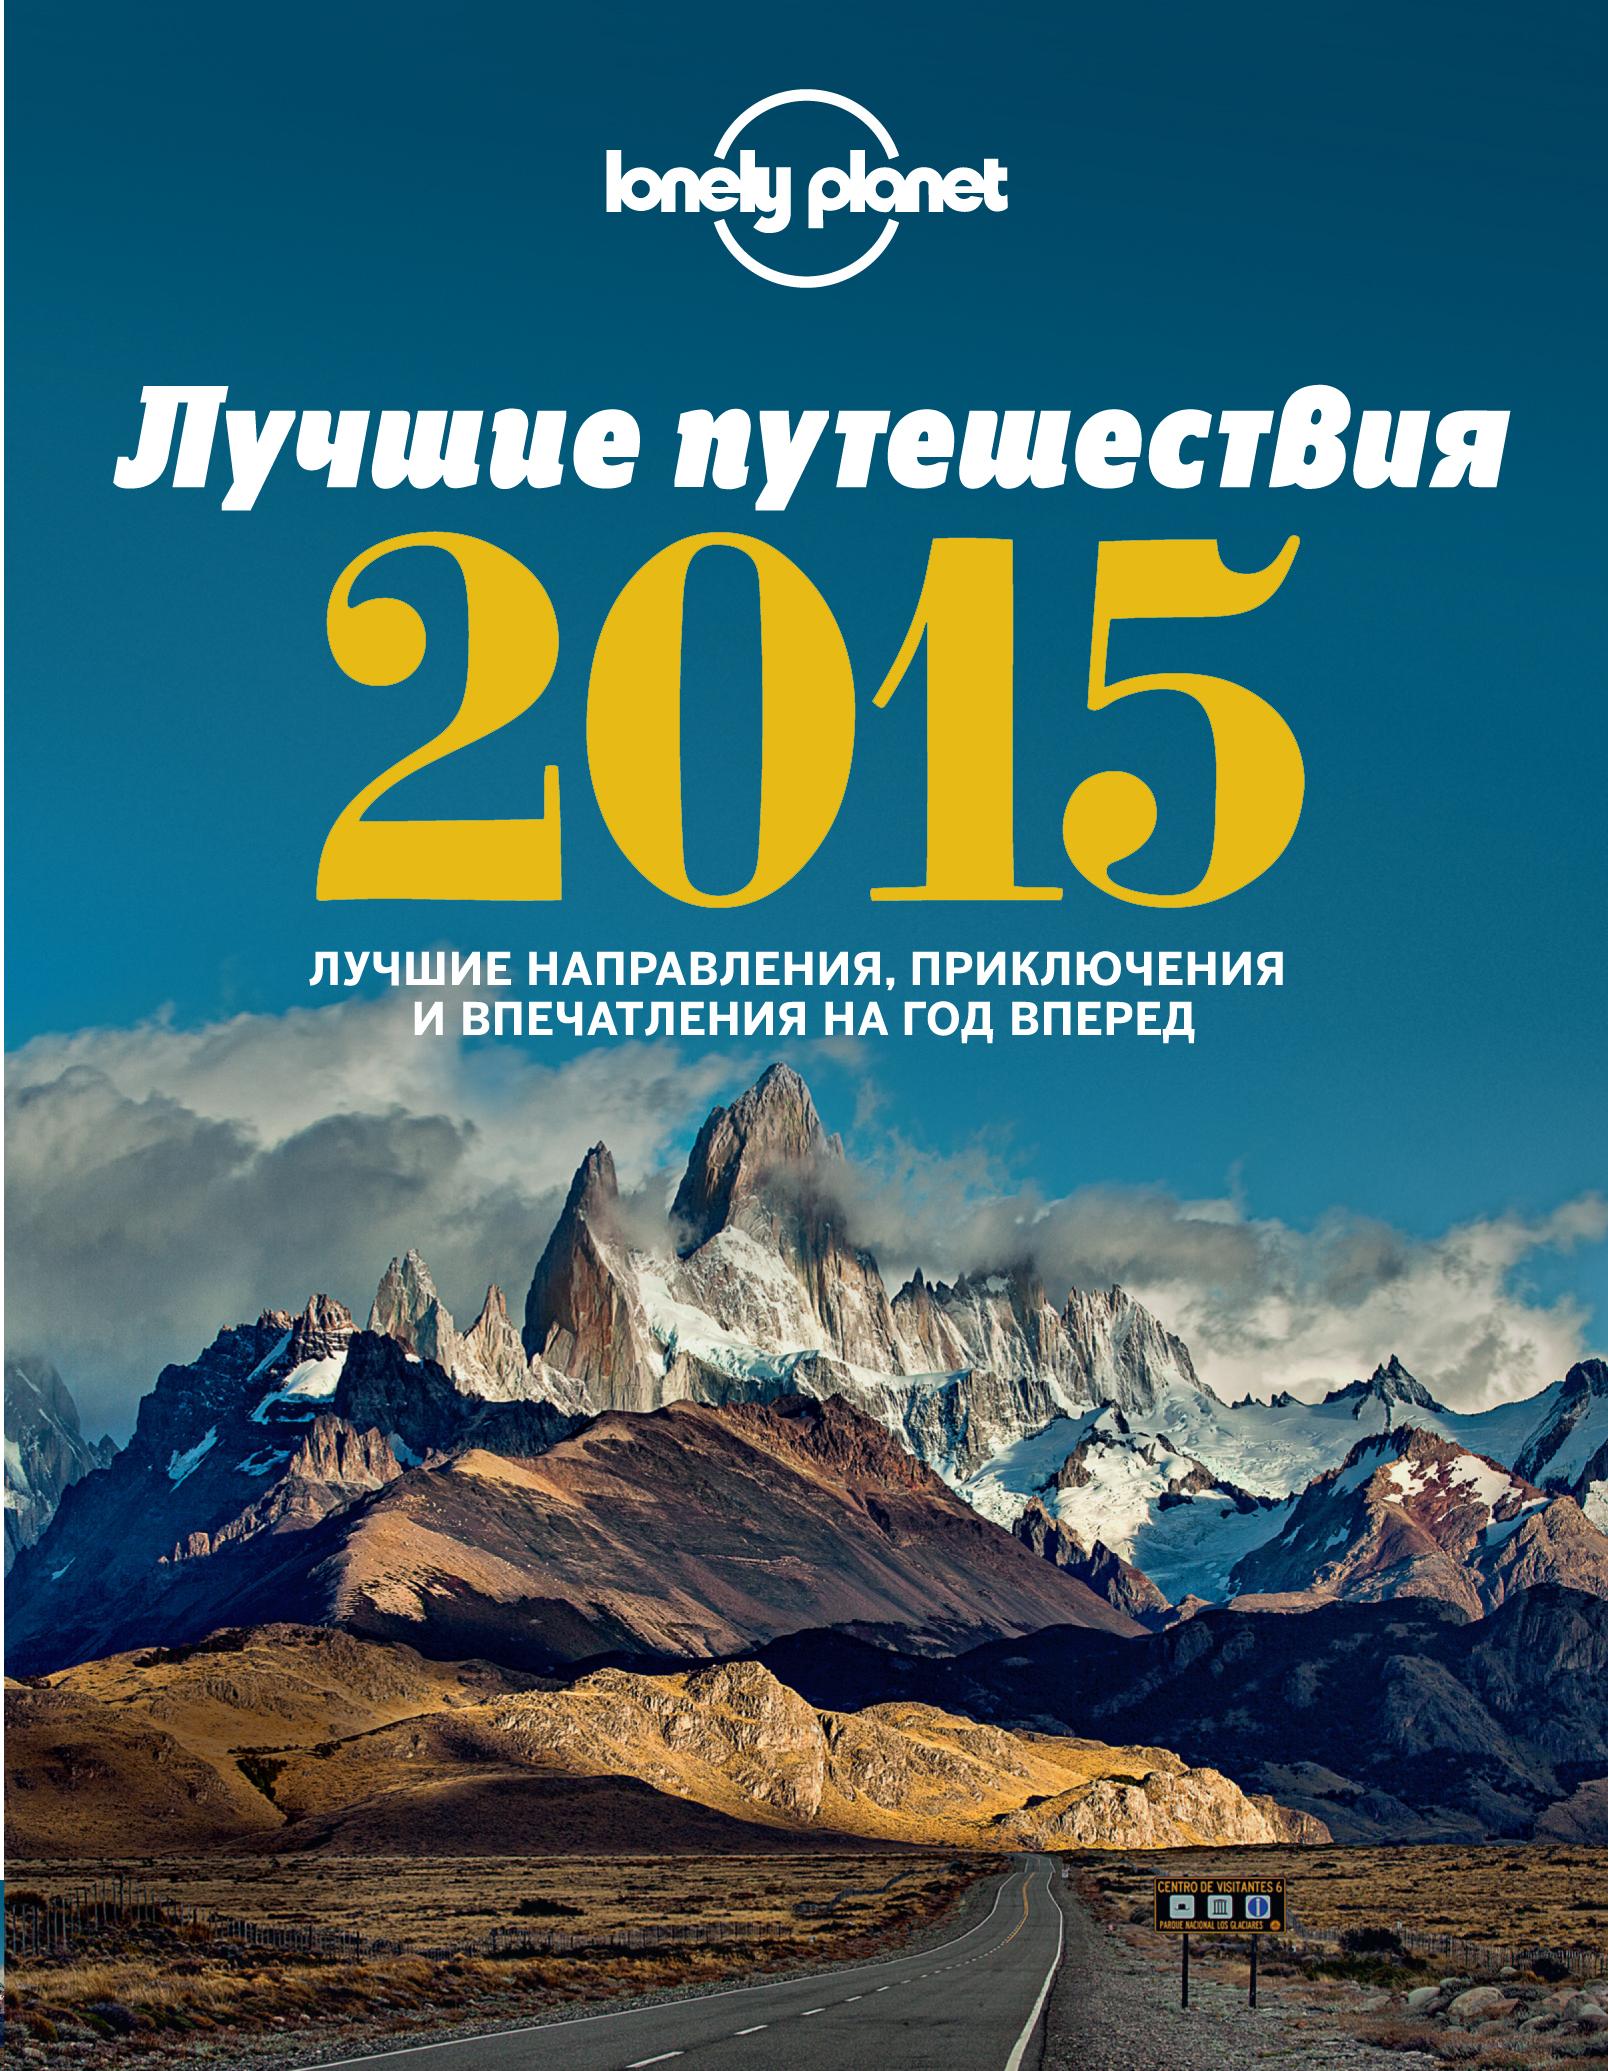 Лучшие путешествия 2015 лучшие бизнес книги 2015